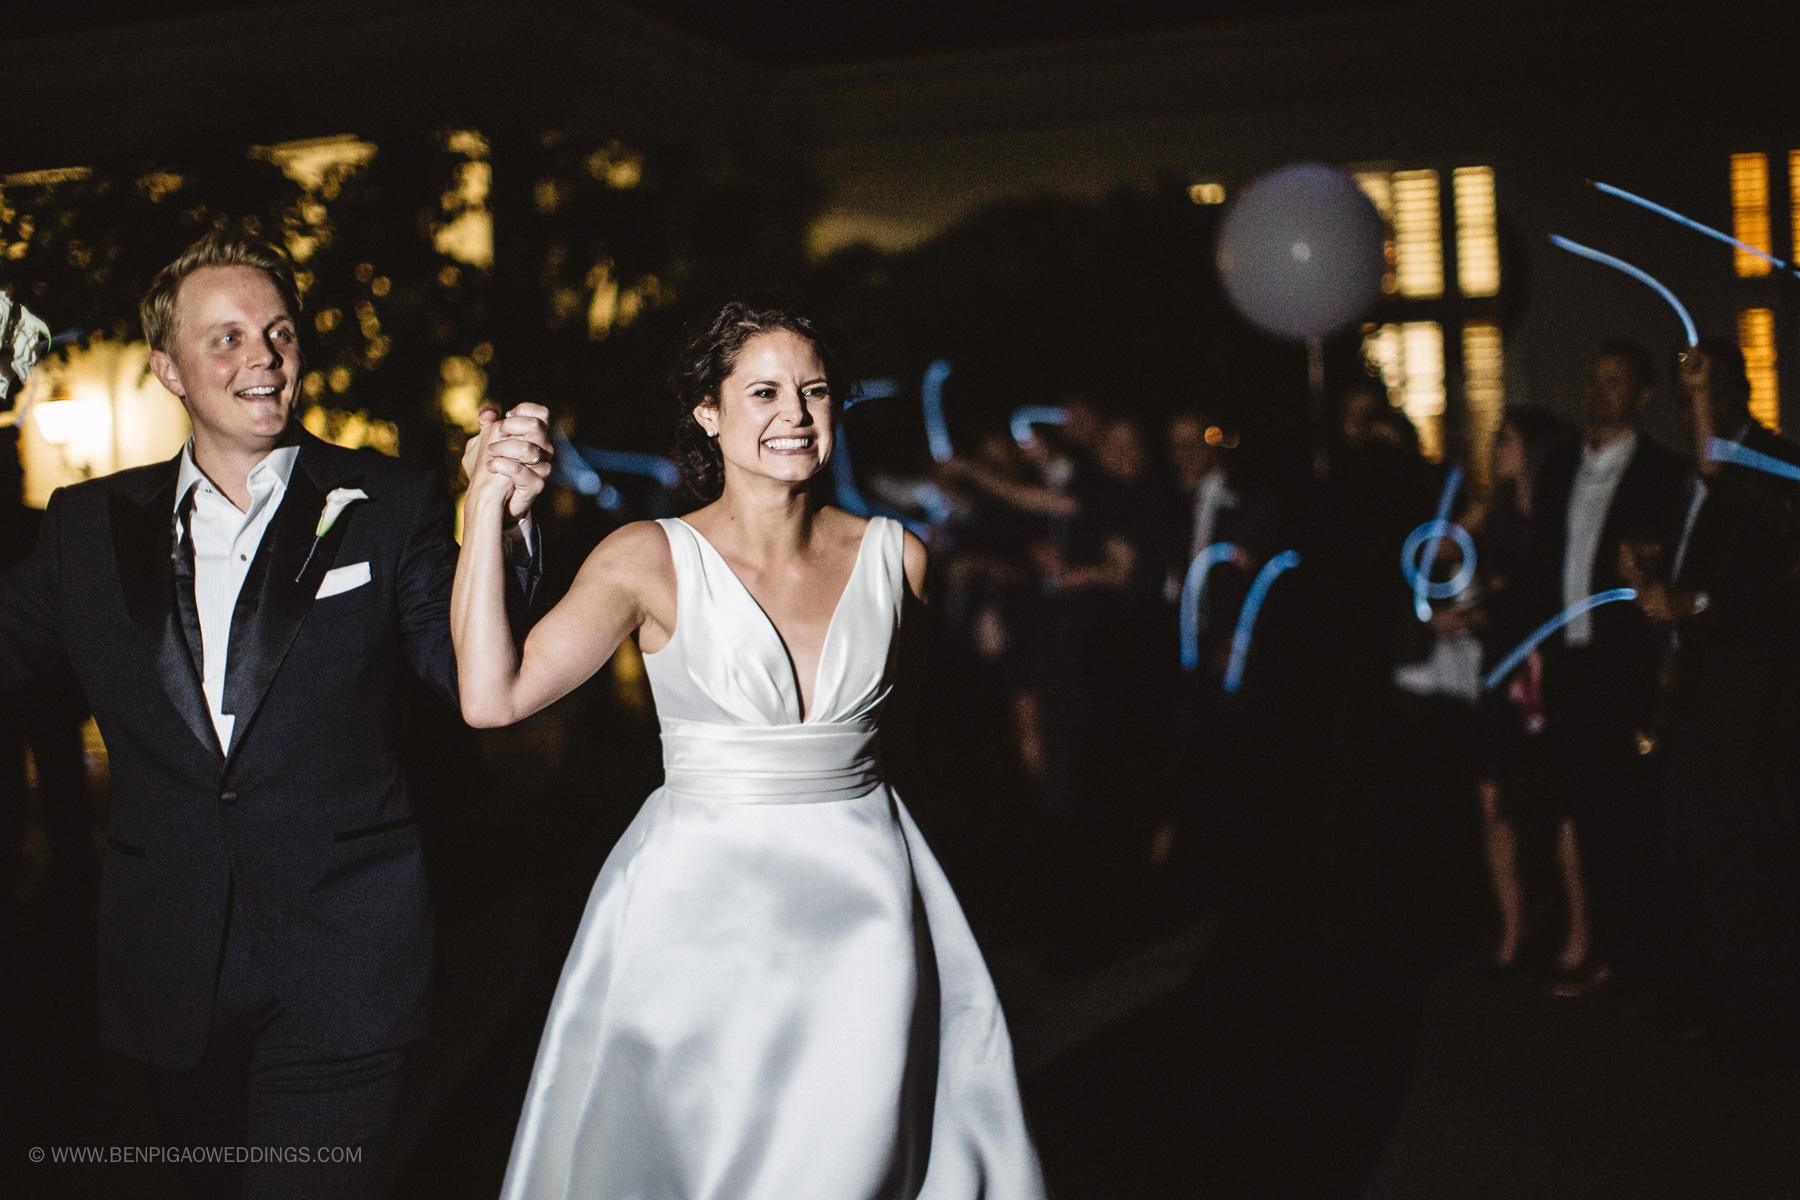 Pretty Wedding Photos - Portland, Oregon Waverley Country Club Wedding